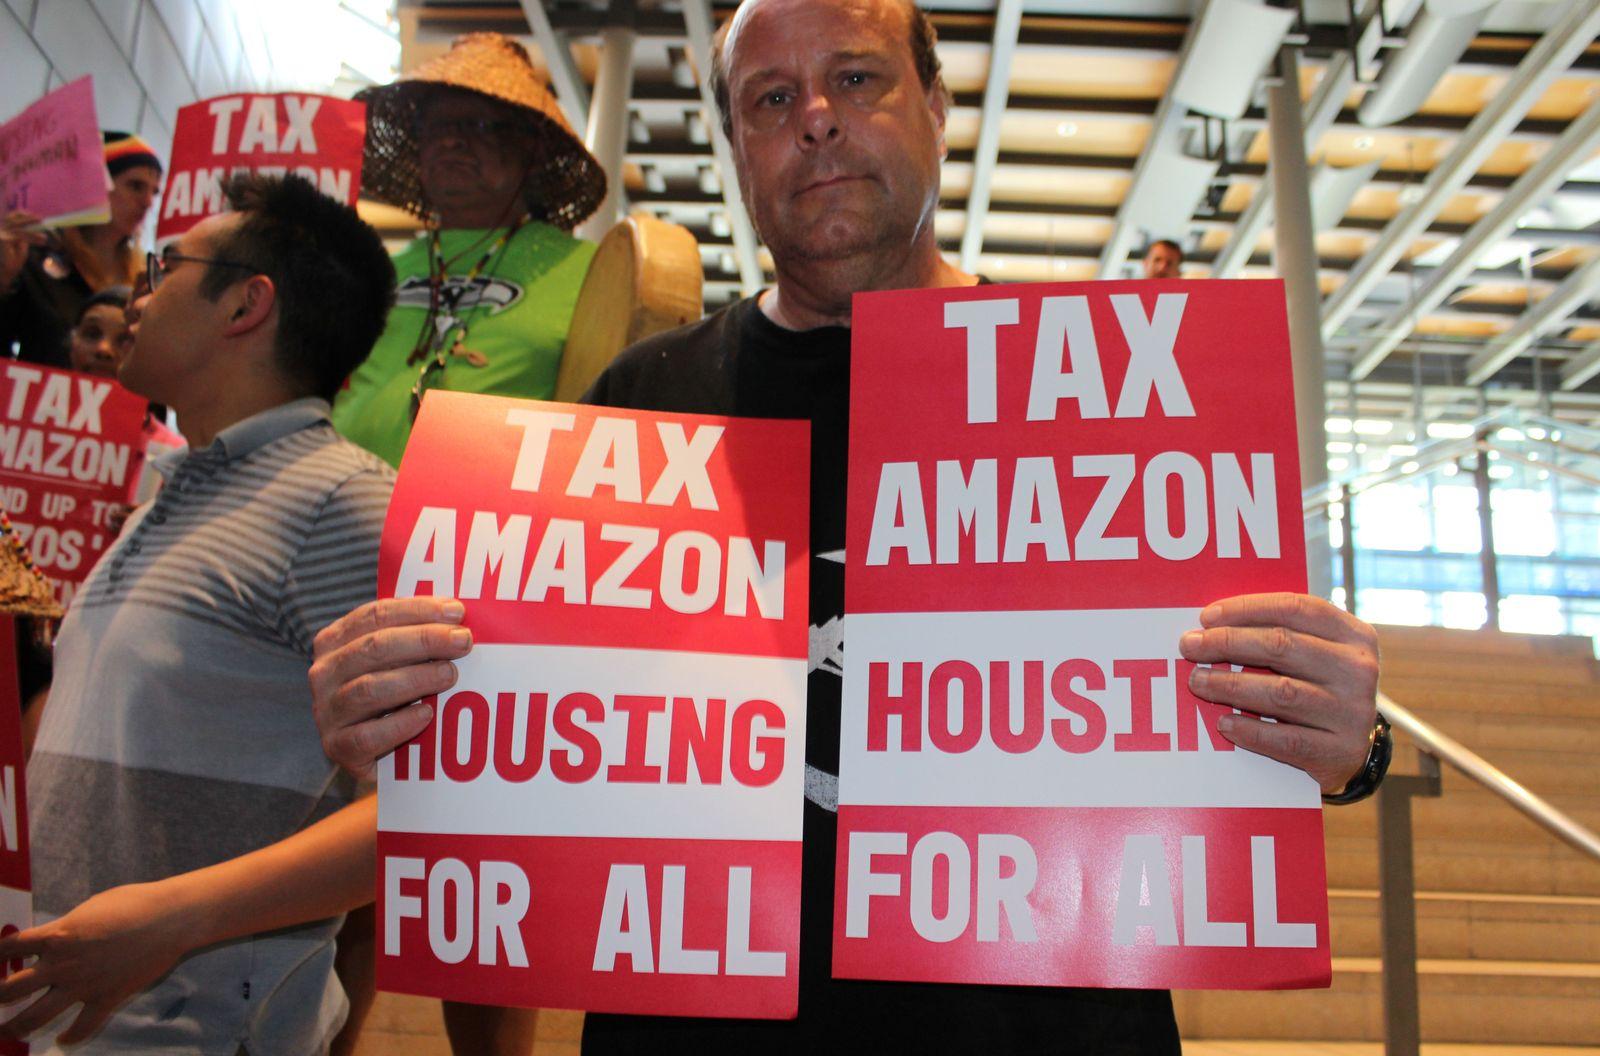 SEATTLE / Obdachlosigkeit / Steuer / Amazon